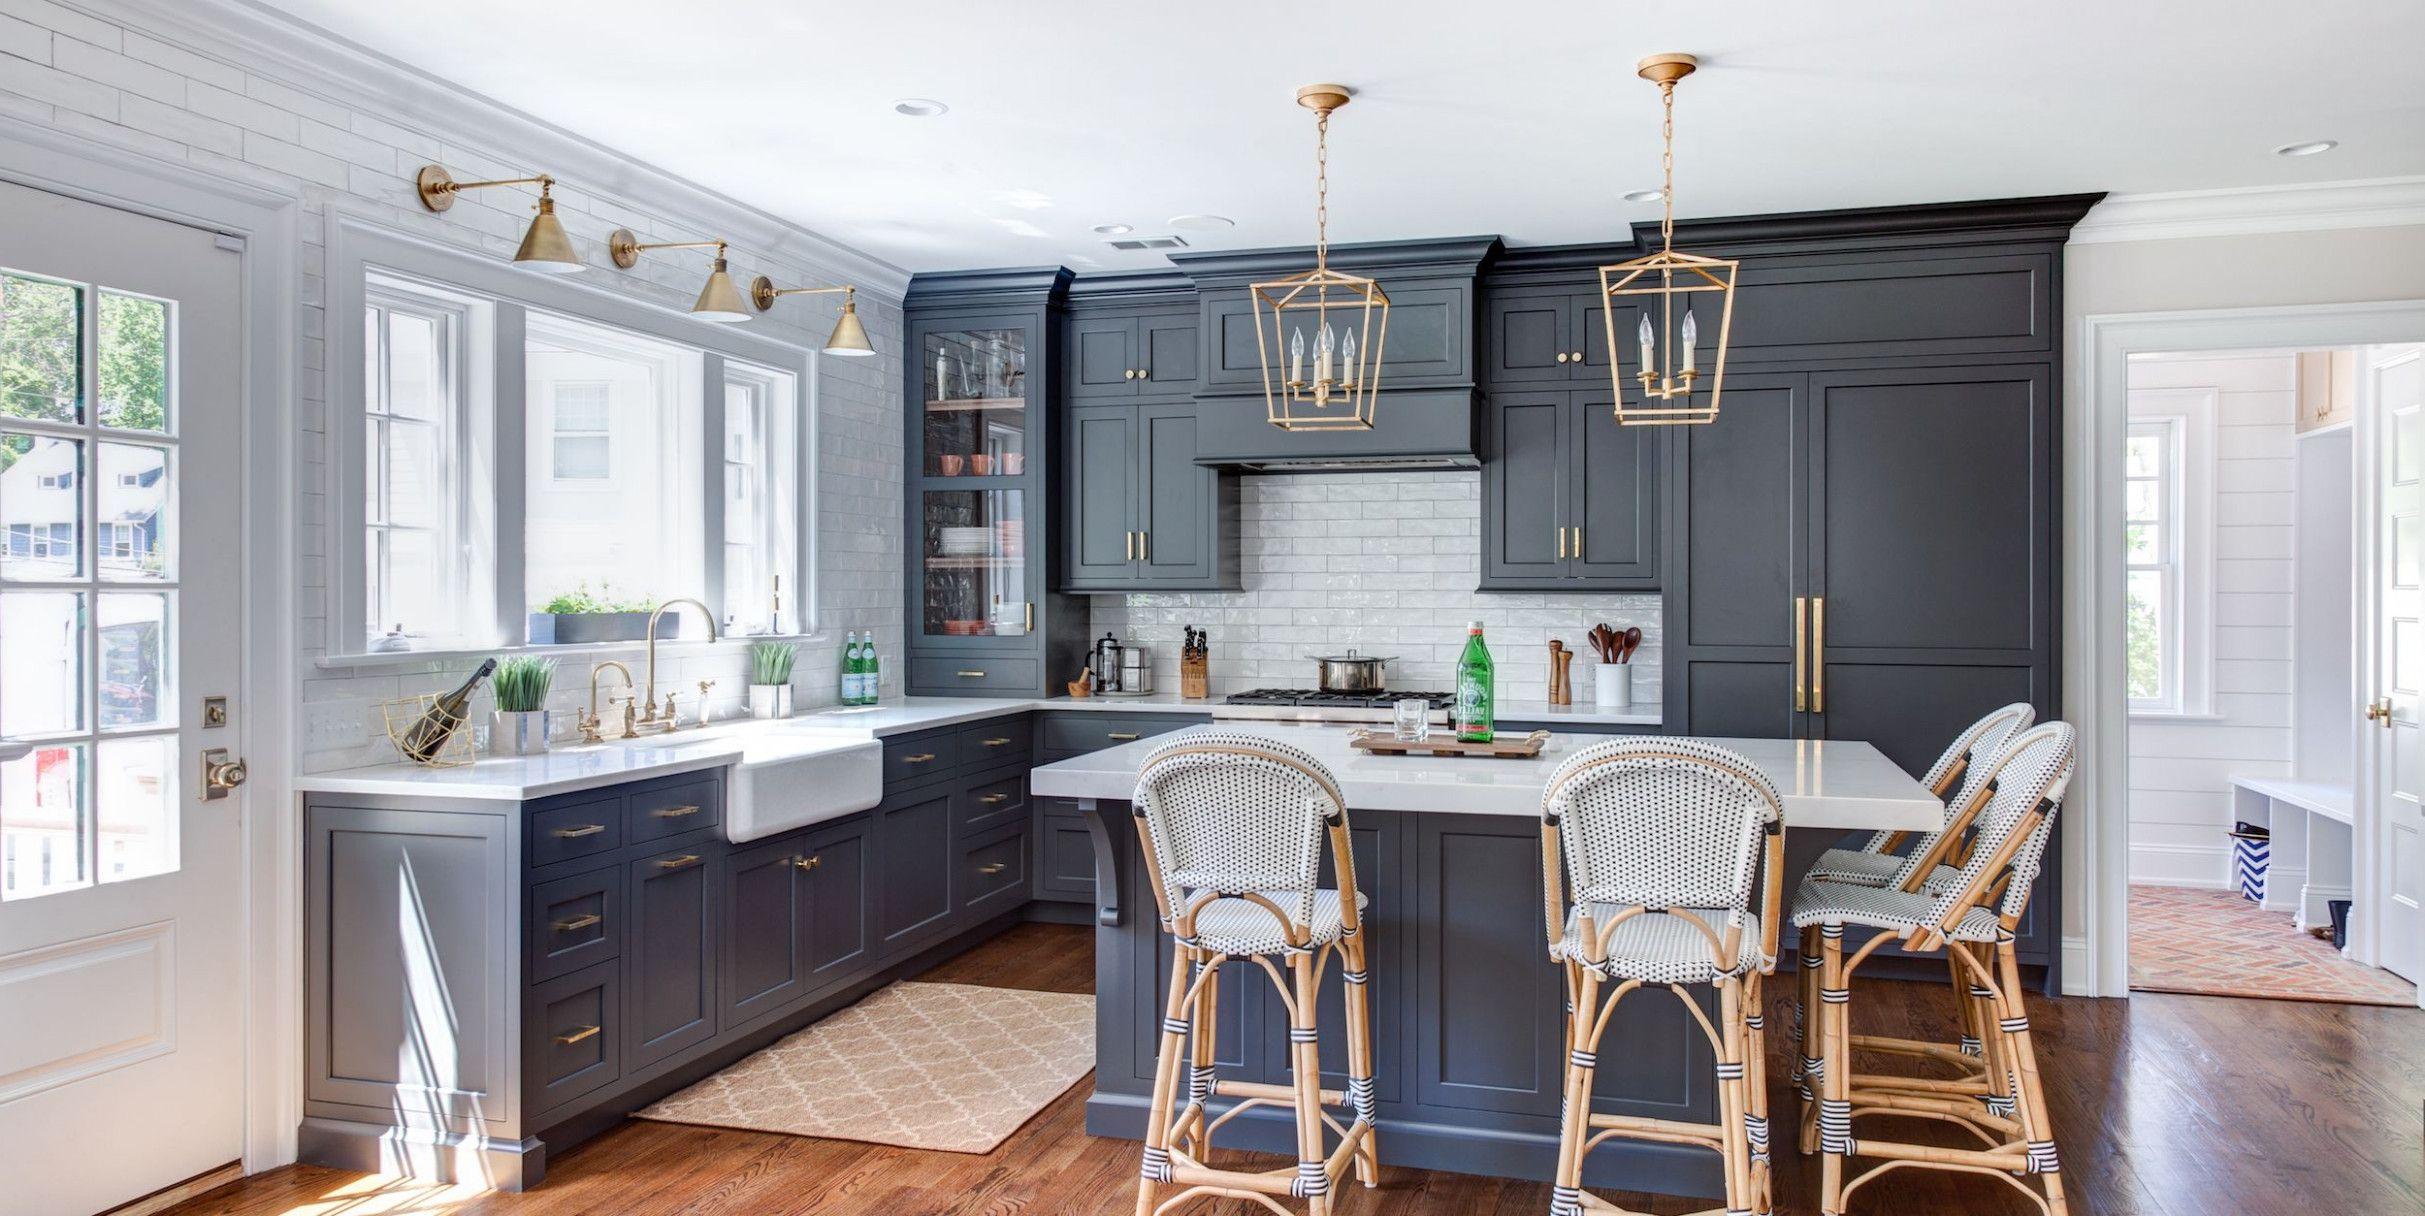 Bestcabinetlayoutforsmallkitchen Cabinetlayoutforgalleykitchen Cabinetlayoutforkitchen Cabinetlayout In 2020 Design Your Kitchen Cabinet Furniture Kitchen Cabinets